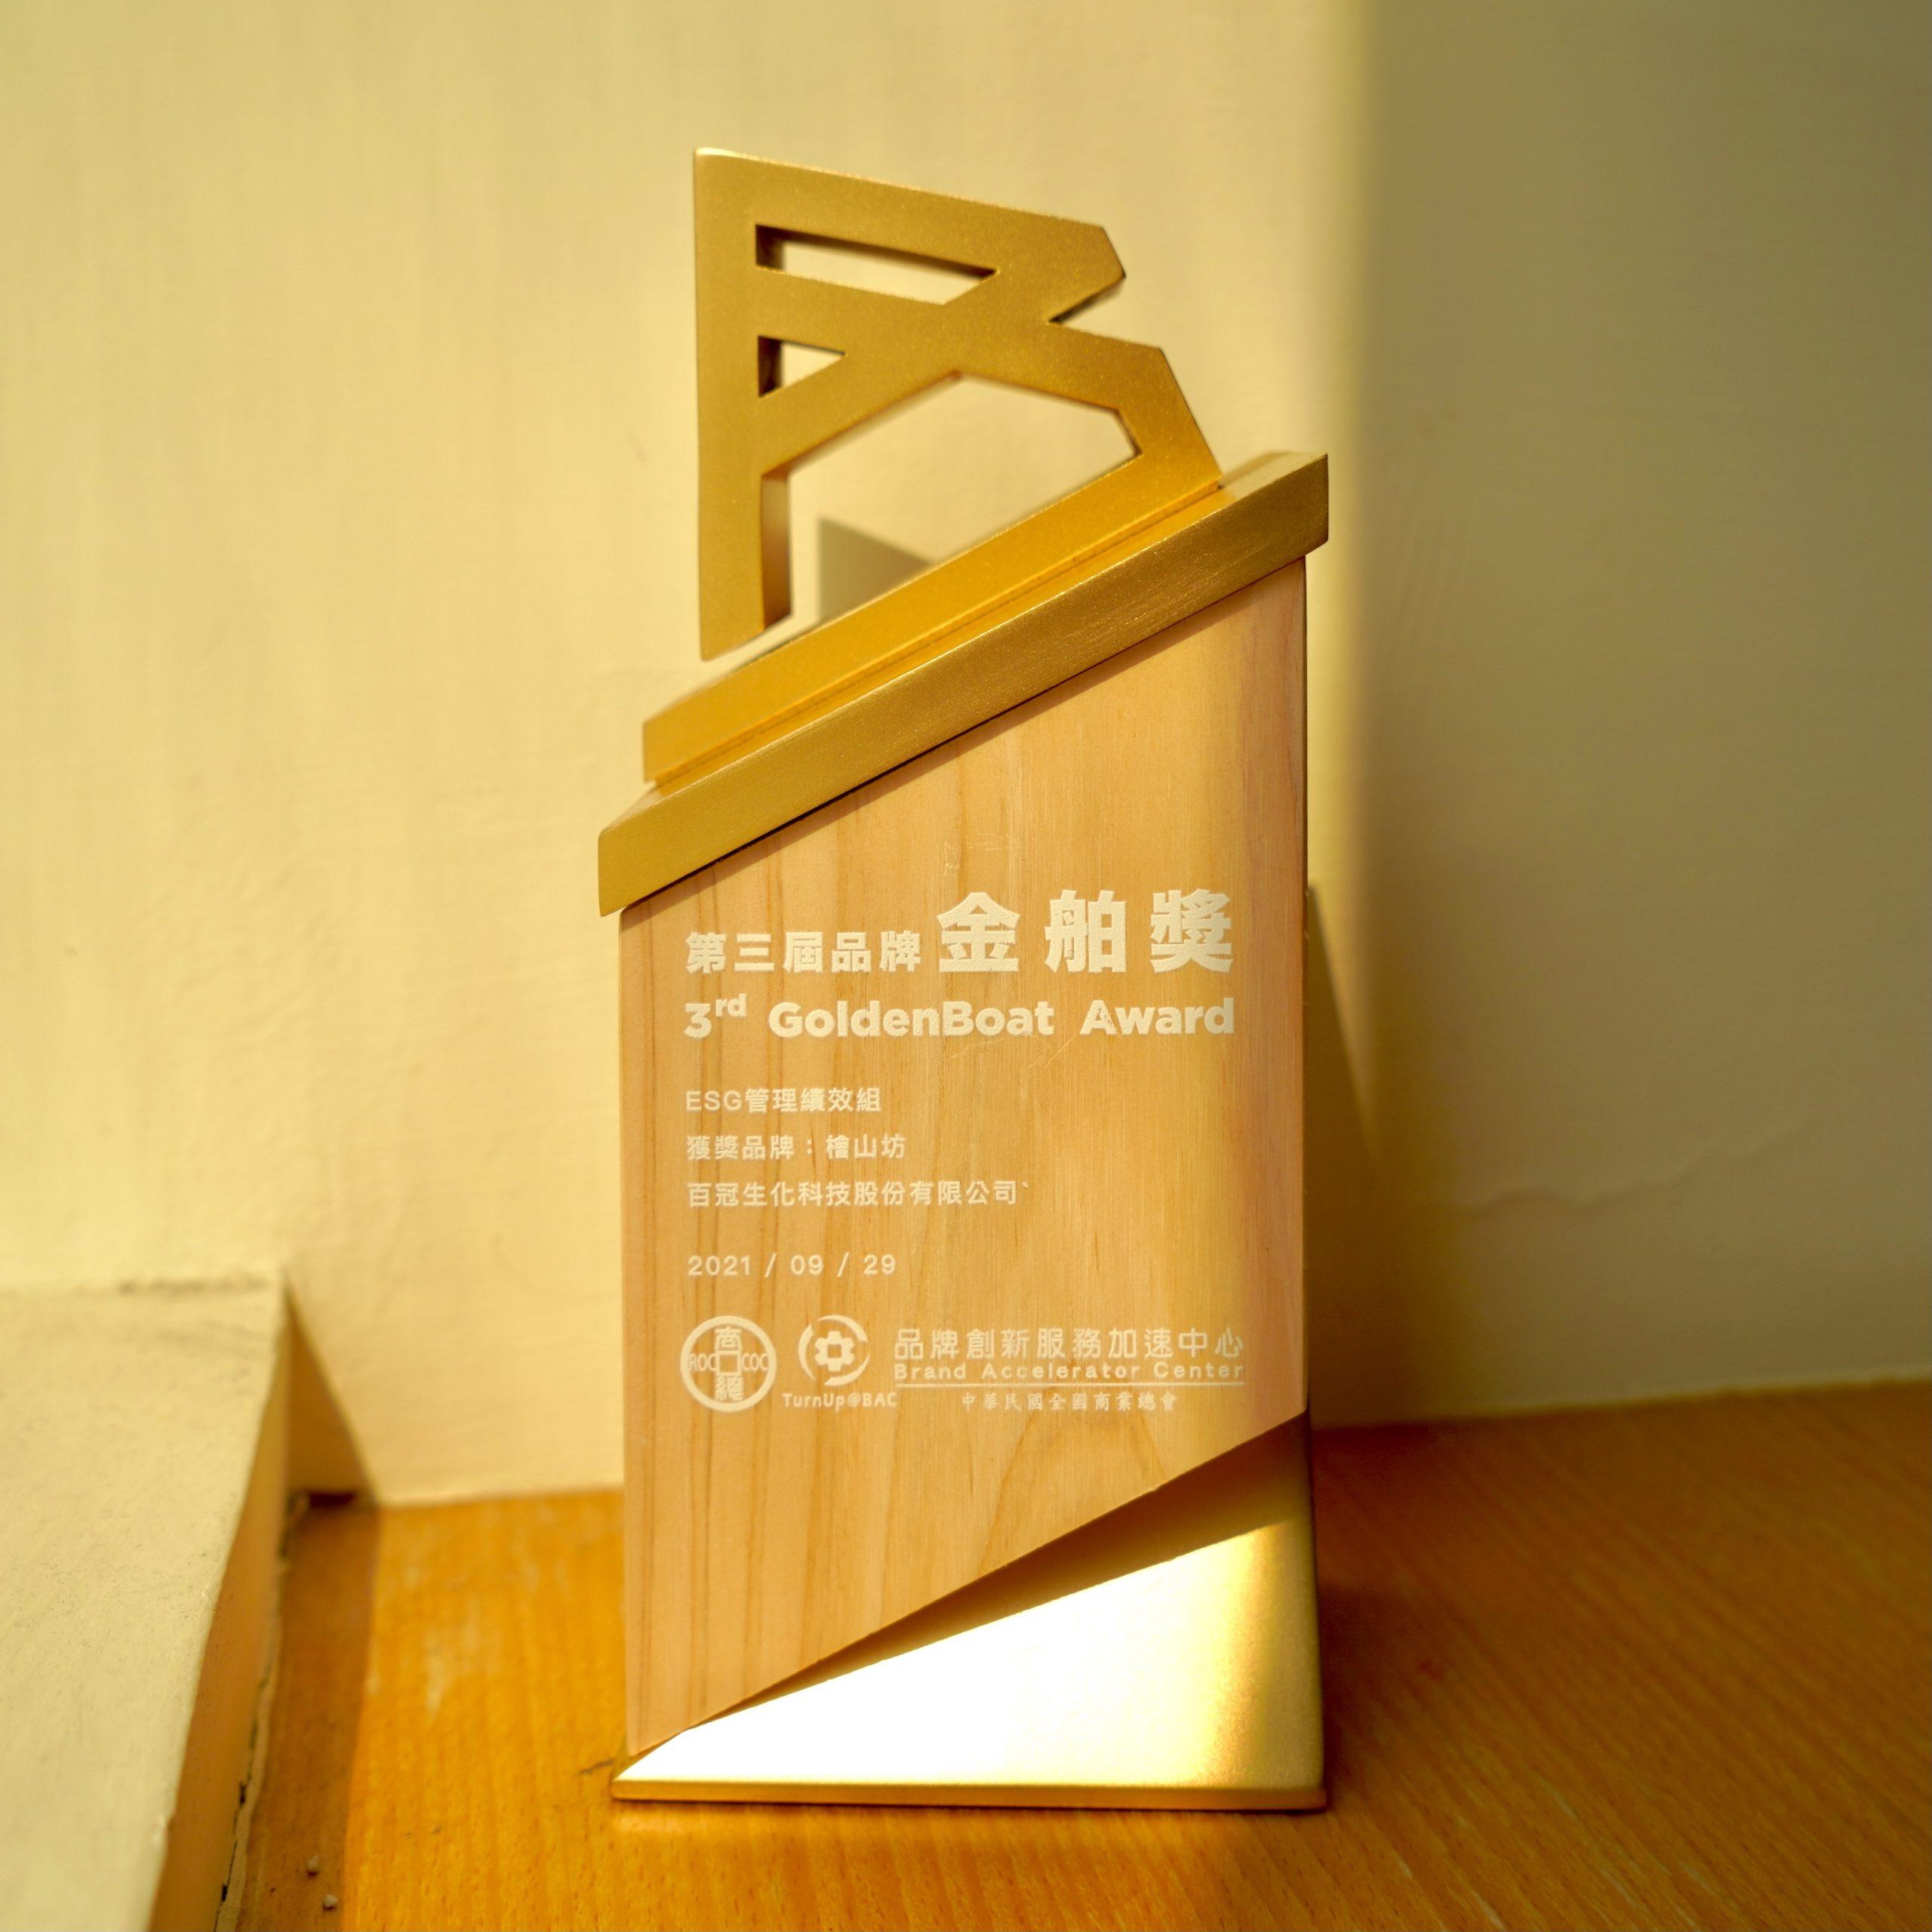 2021第三屆金舶獎品牌頒獎典禮 創辦人活動紀錄